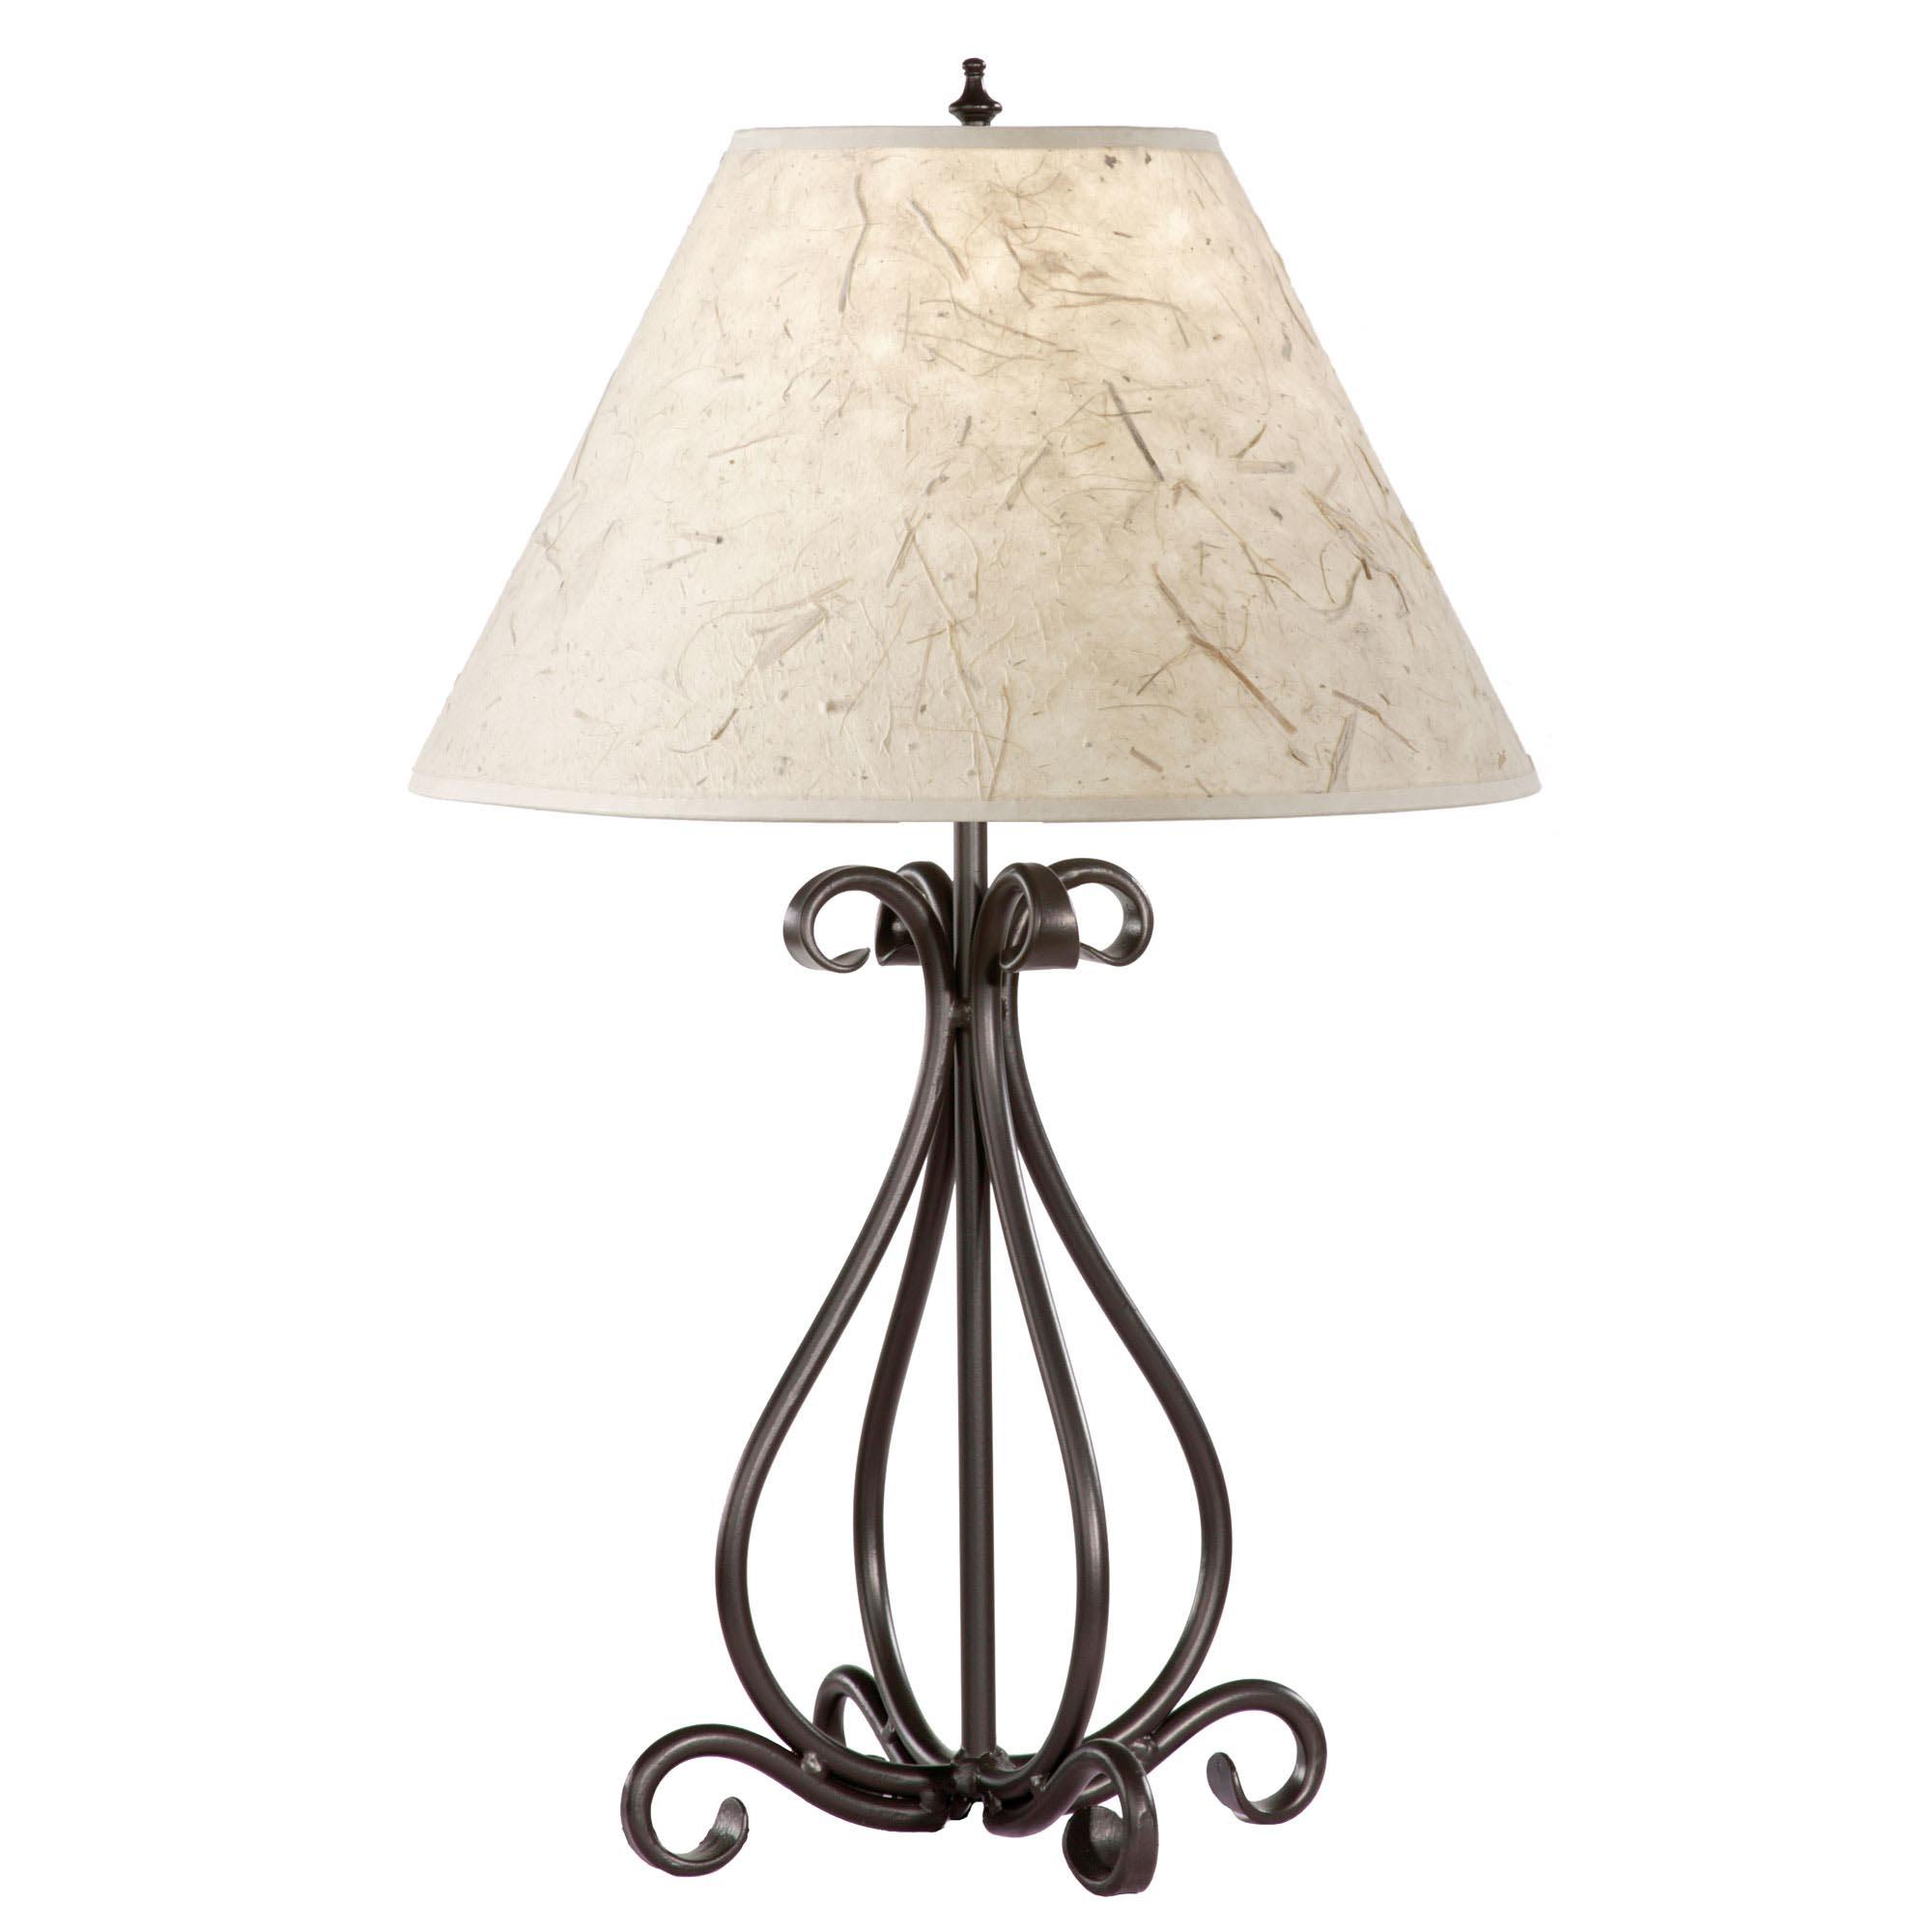 Rustic Wrought Iron Floor Lamps